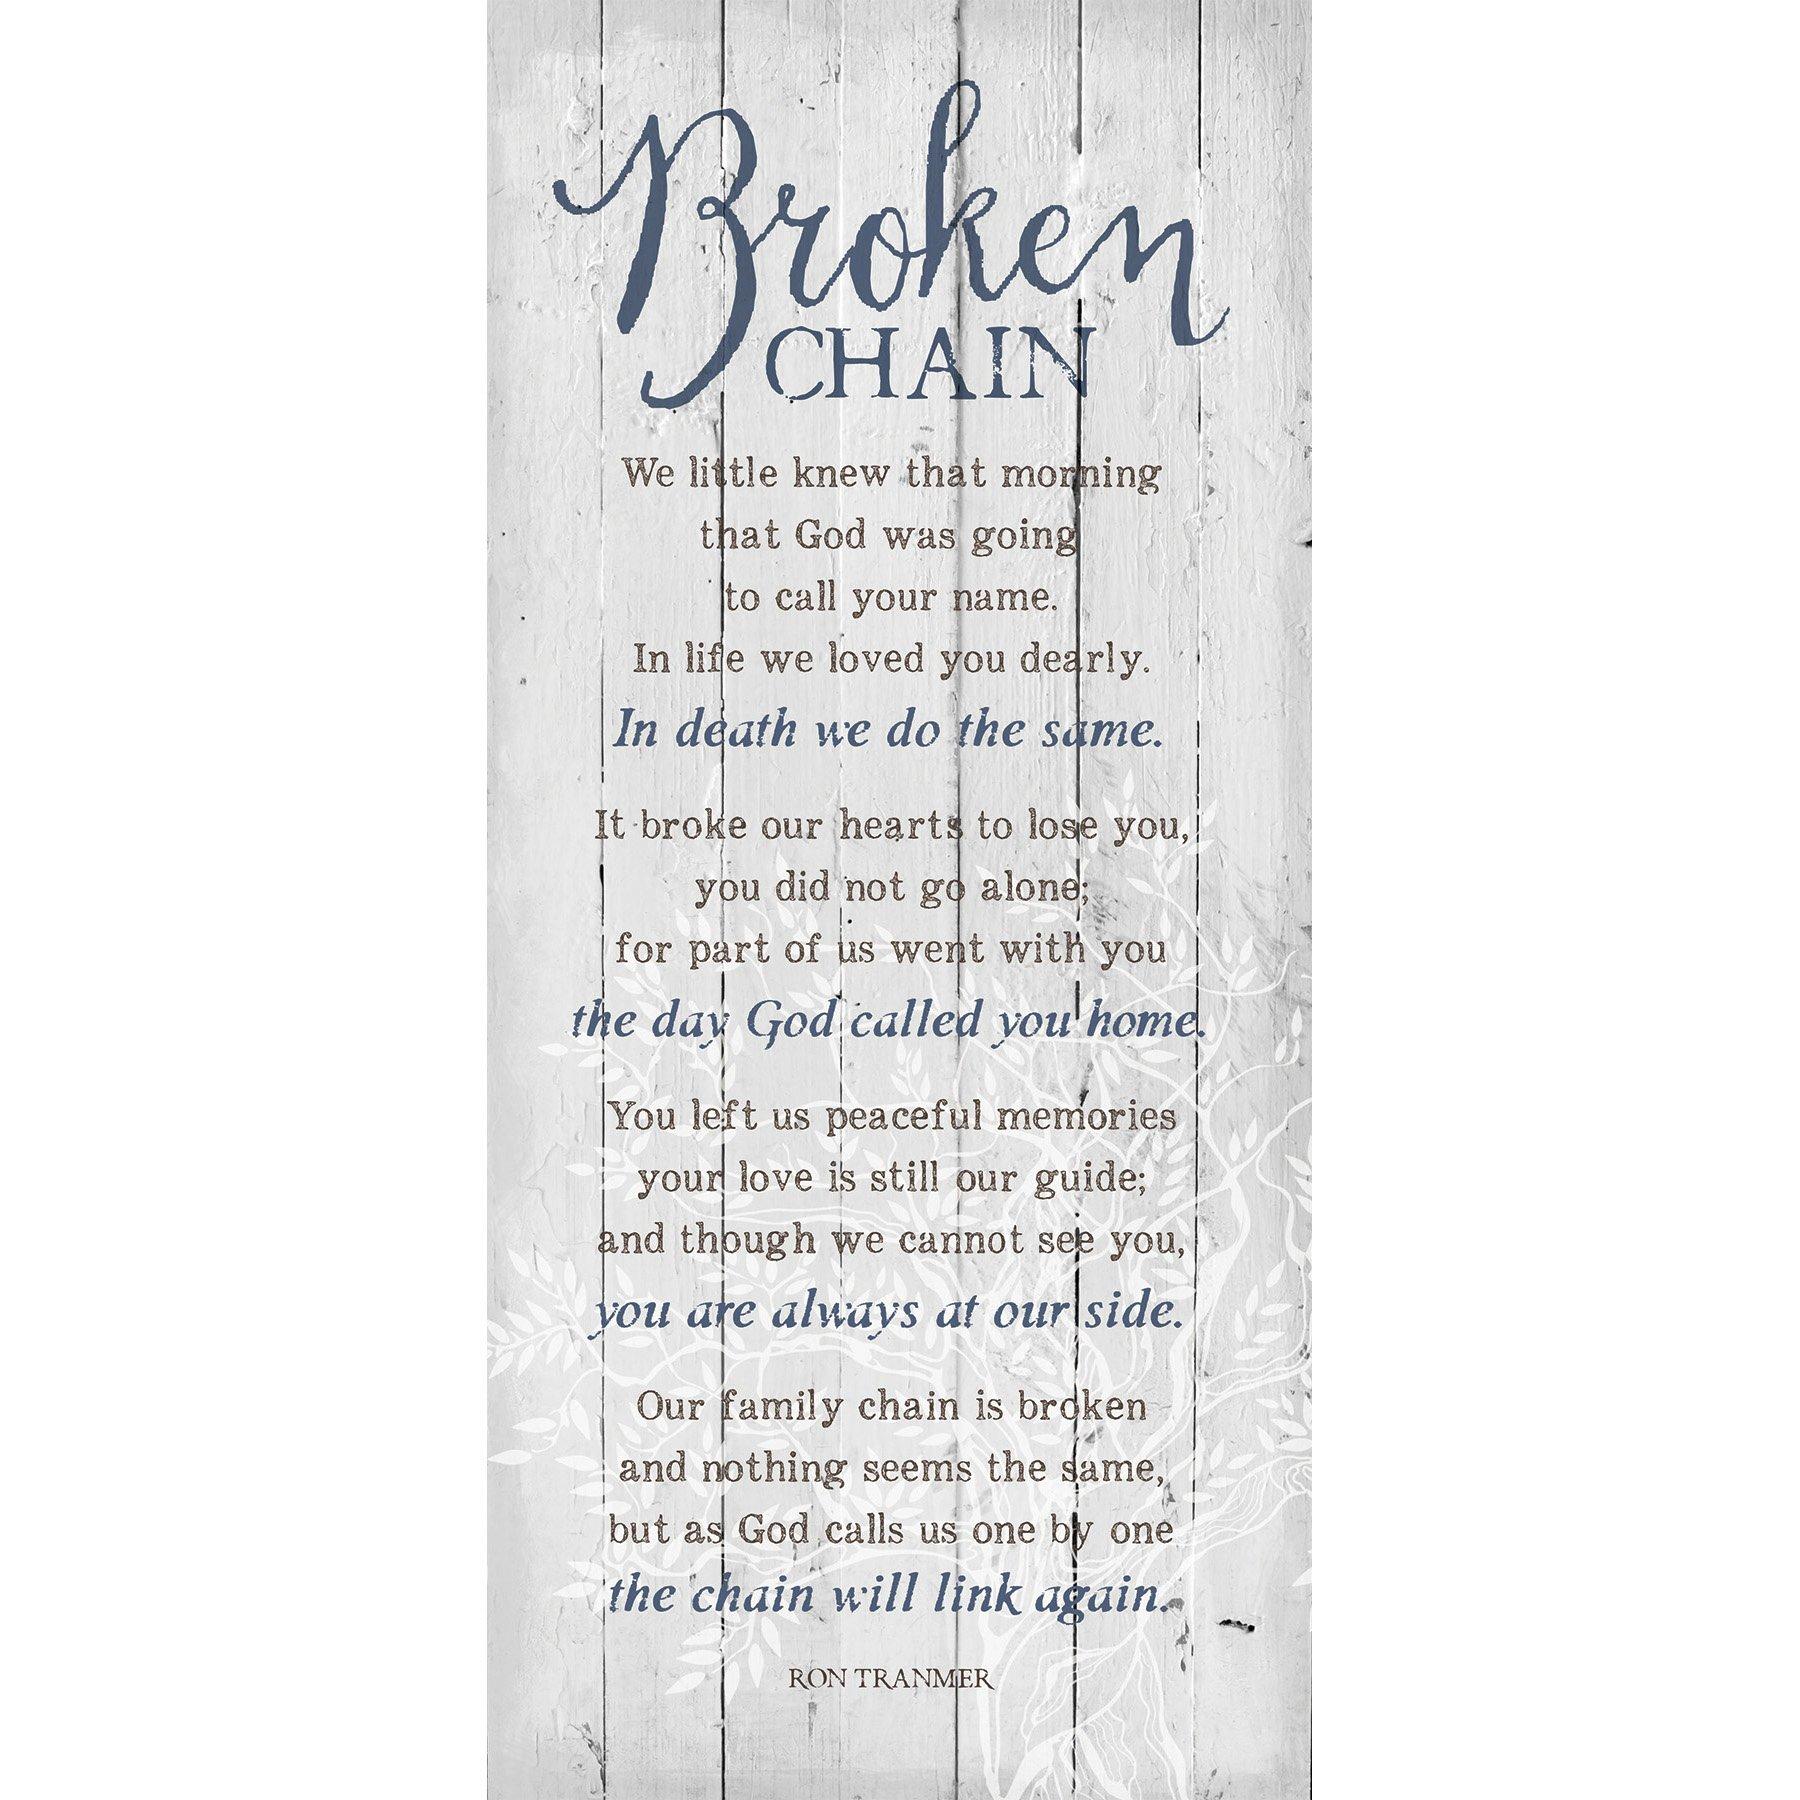 Broken Chain 6 x 9 Wood Plank Look Wall Art Plaque